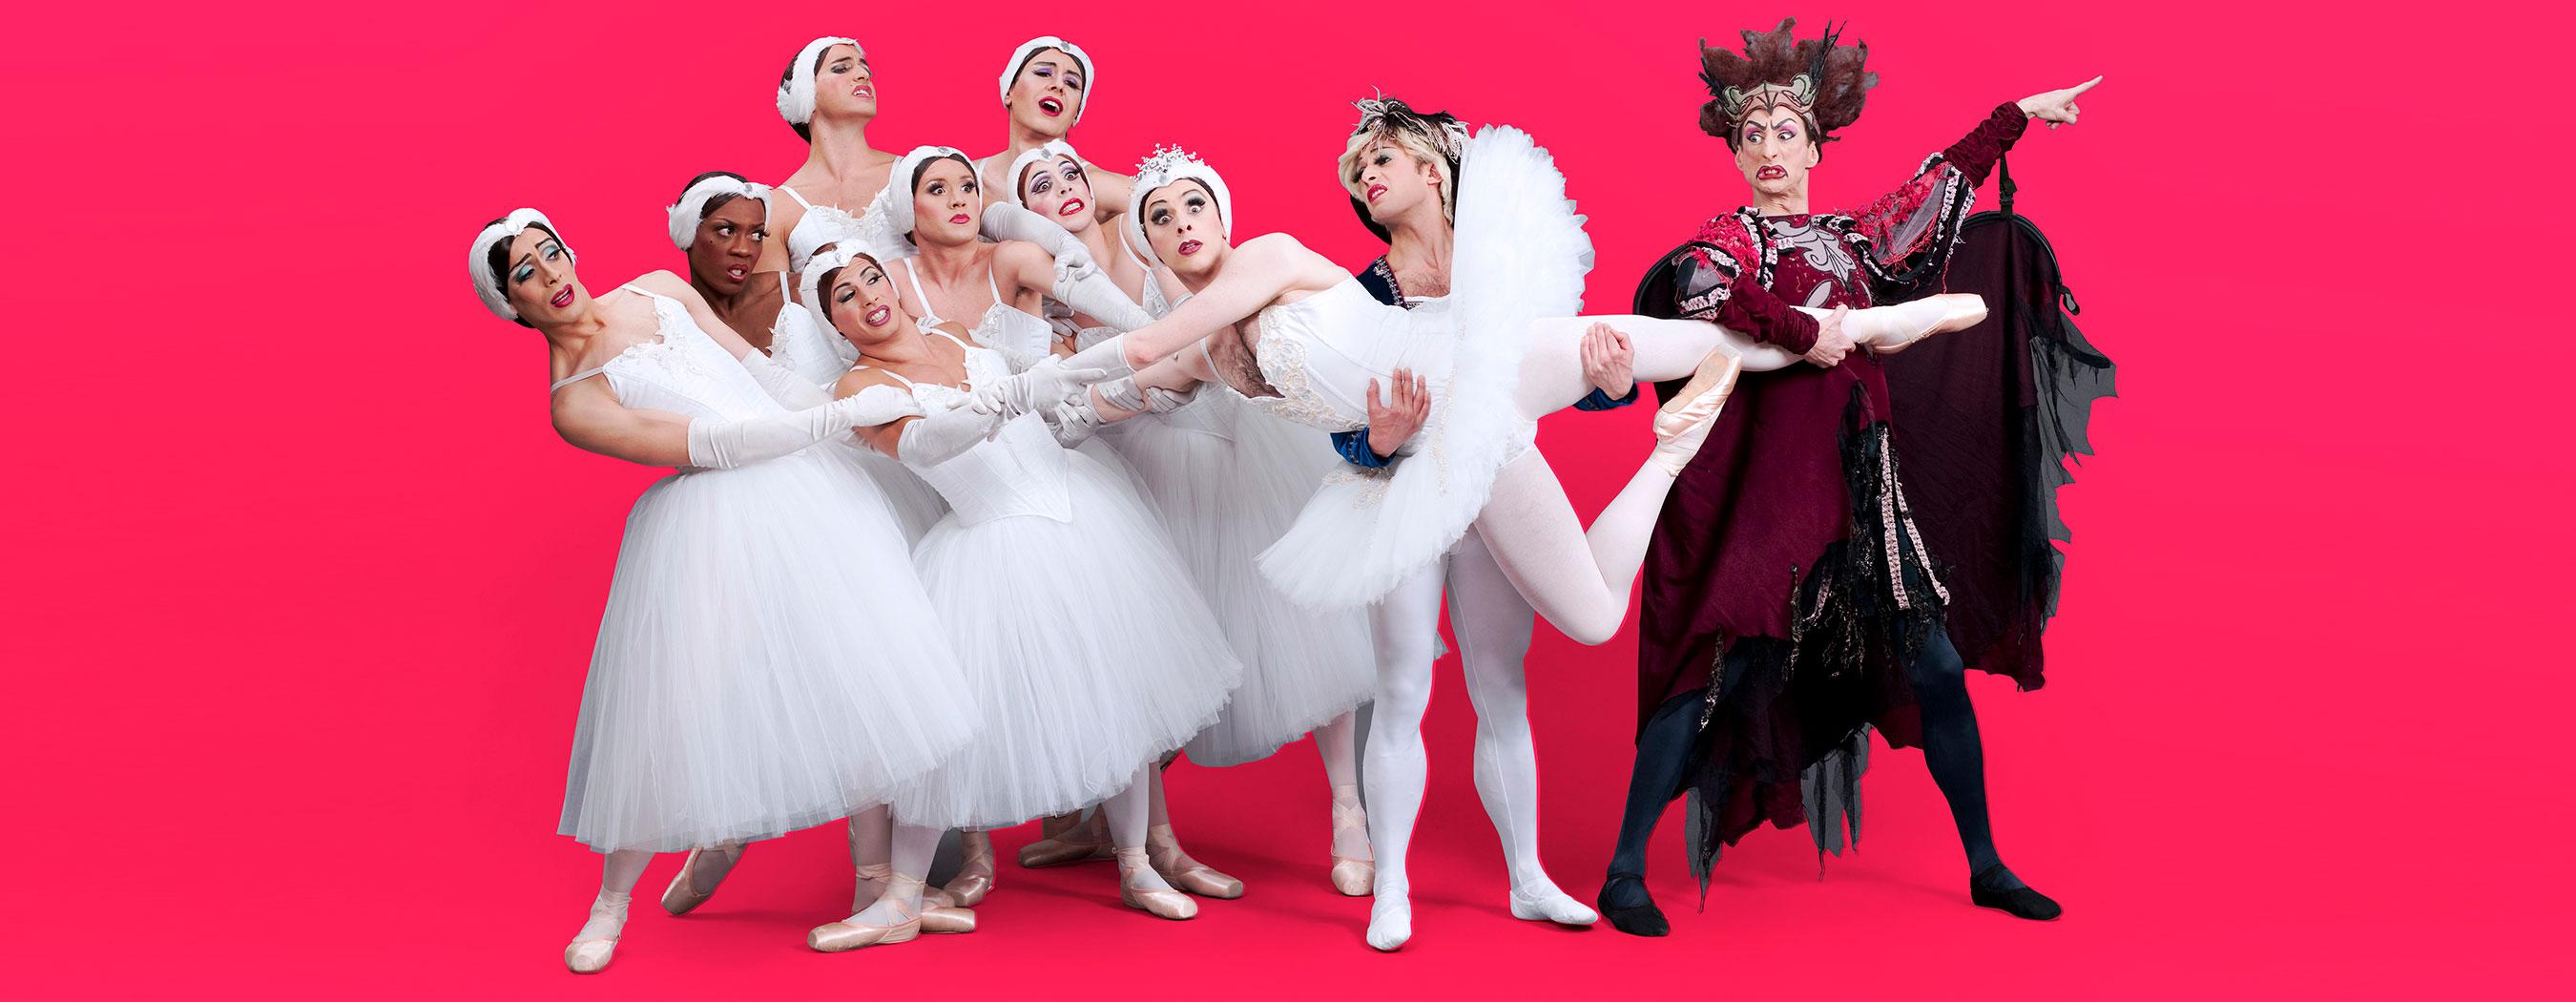 Гей балеты смотреть онлайн бесплатно